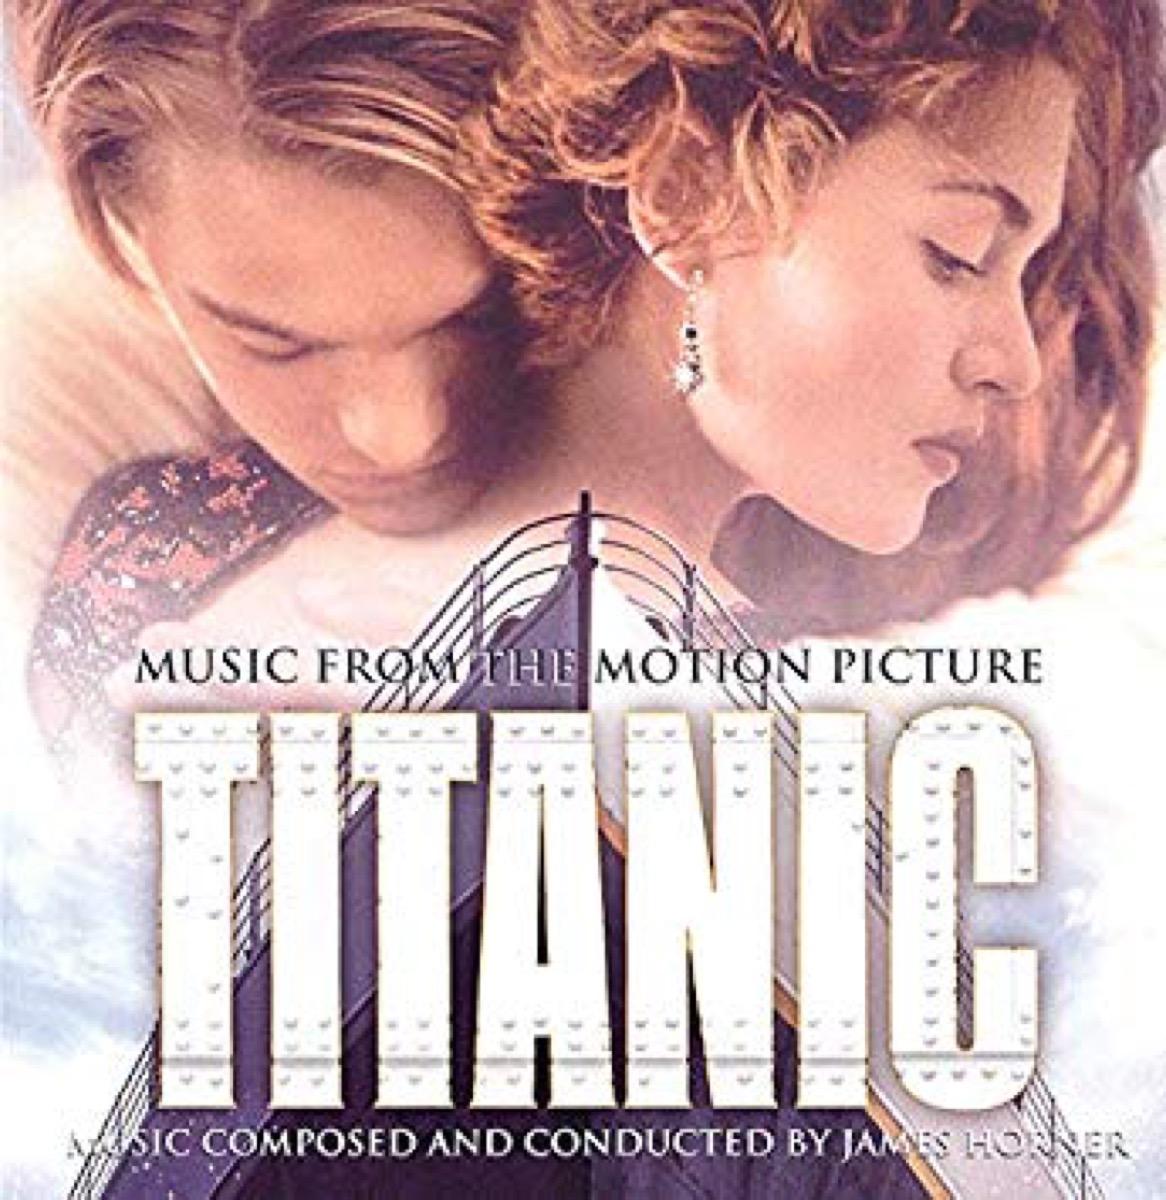 titanic movie soundtrack cover